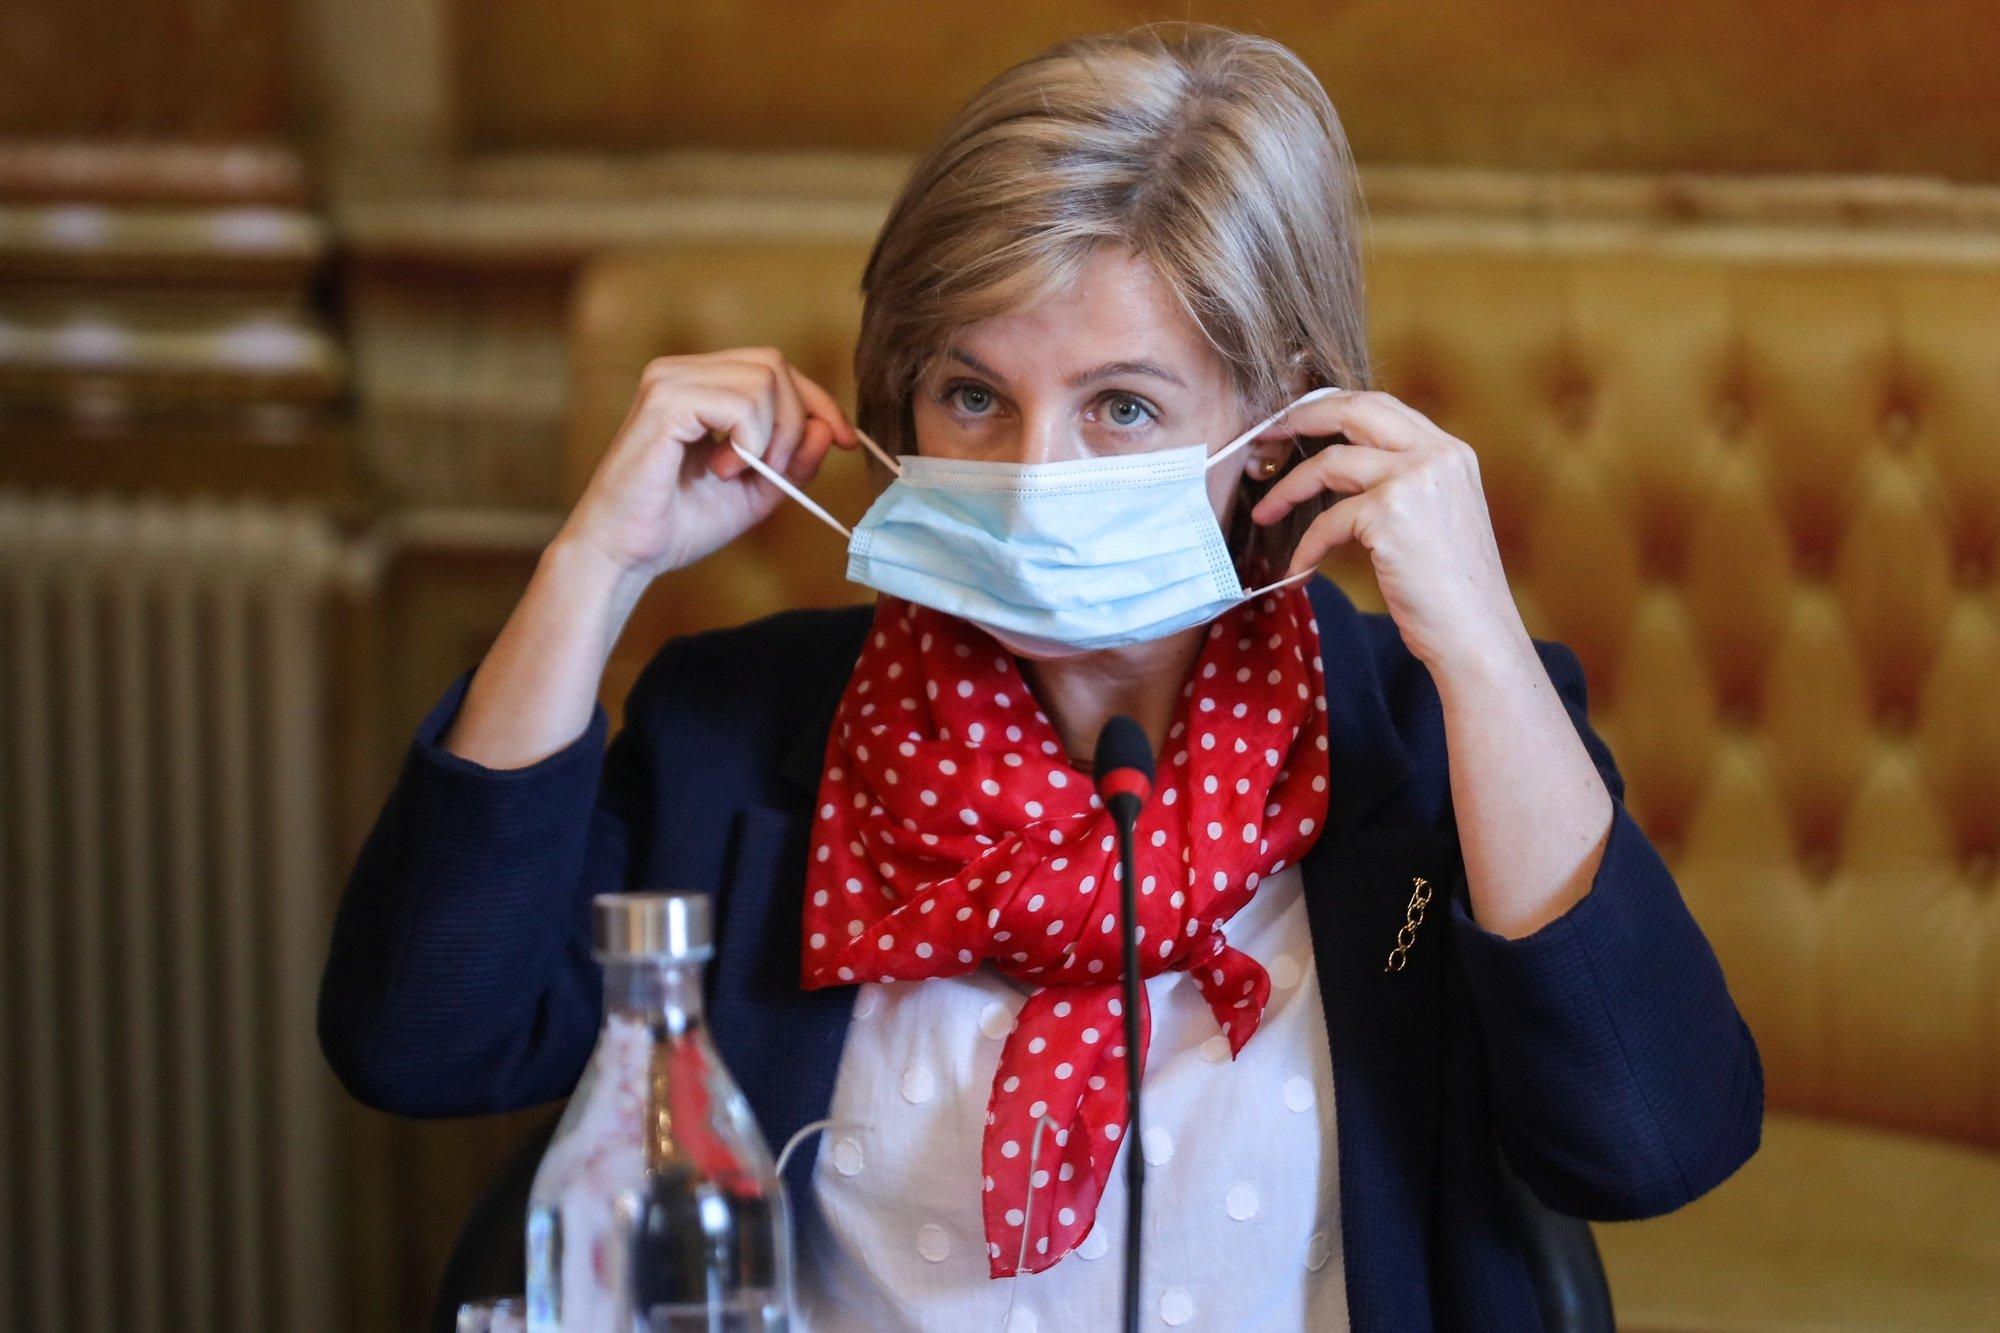 A ministra da Saúde, Marta Temido, retira a sua máscara de proteção respiratória contra a covid-19 à chegada para a sua audição perante a Comissão de Saúde, na Assembleia da República, em Lisboa, 20 de maio de 2020. MIGUEL A. LOPES/LUSA